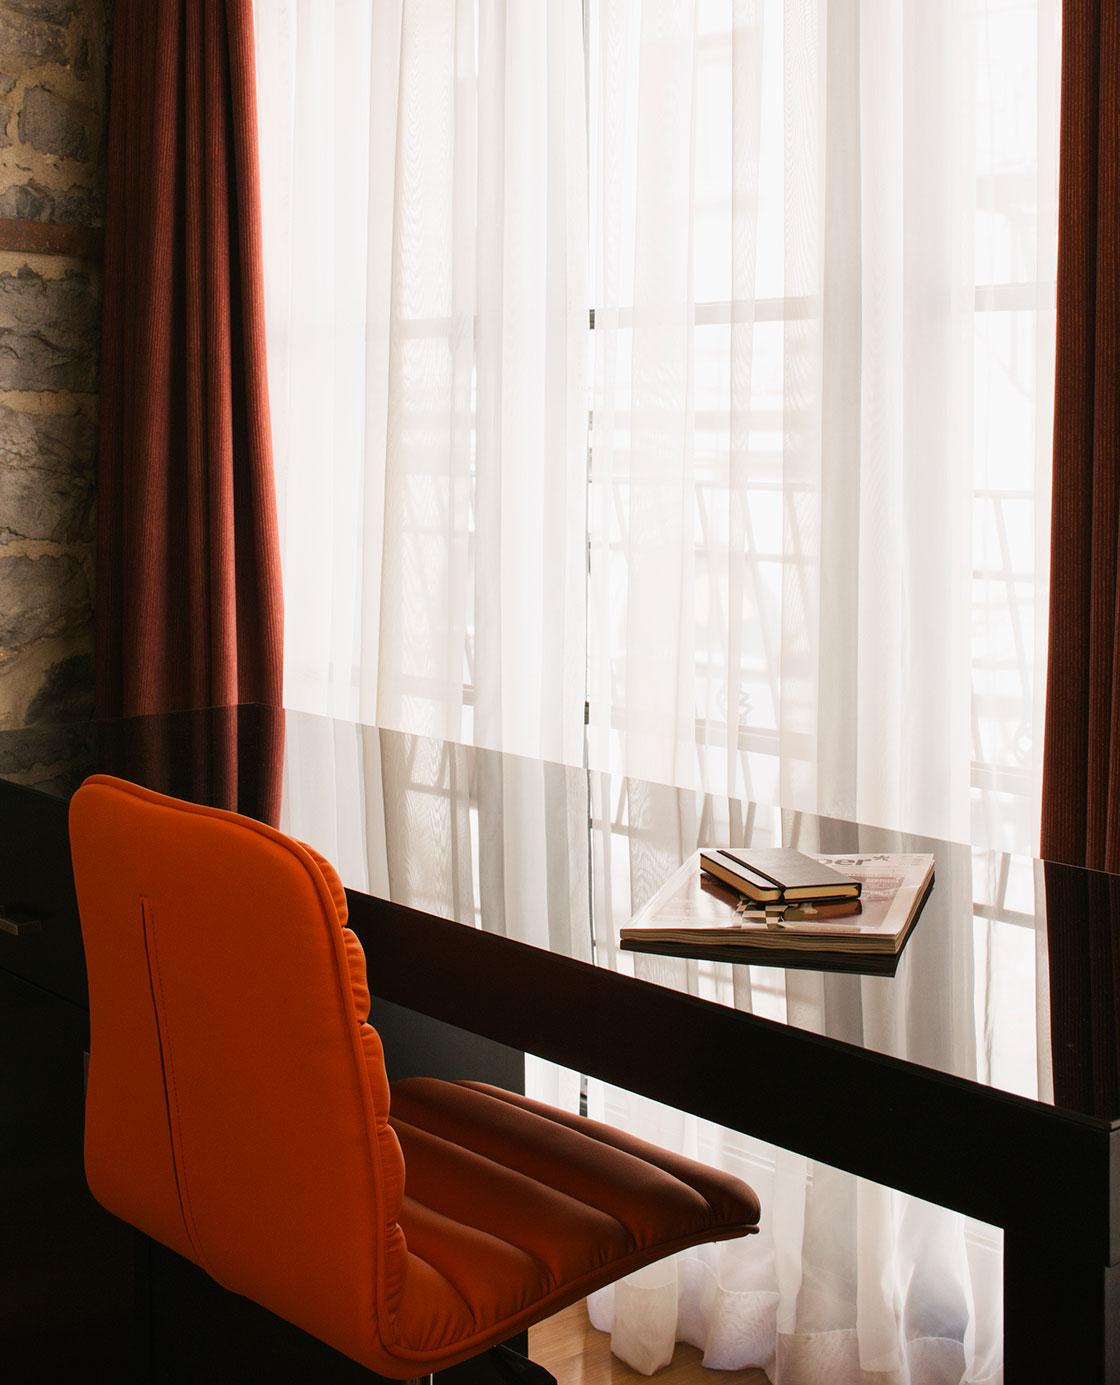 Une chaises et des livres posés sur un bureau devant une fenêtre.